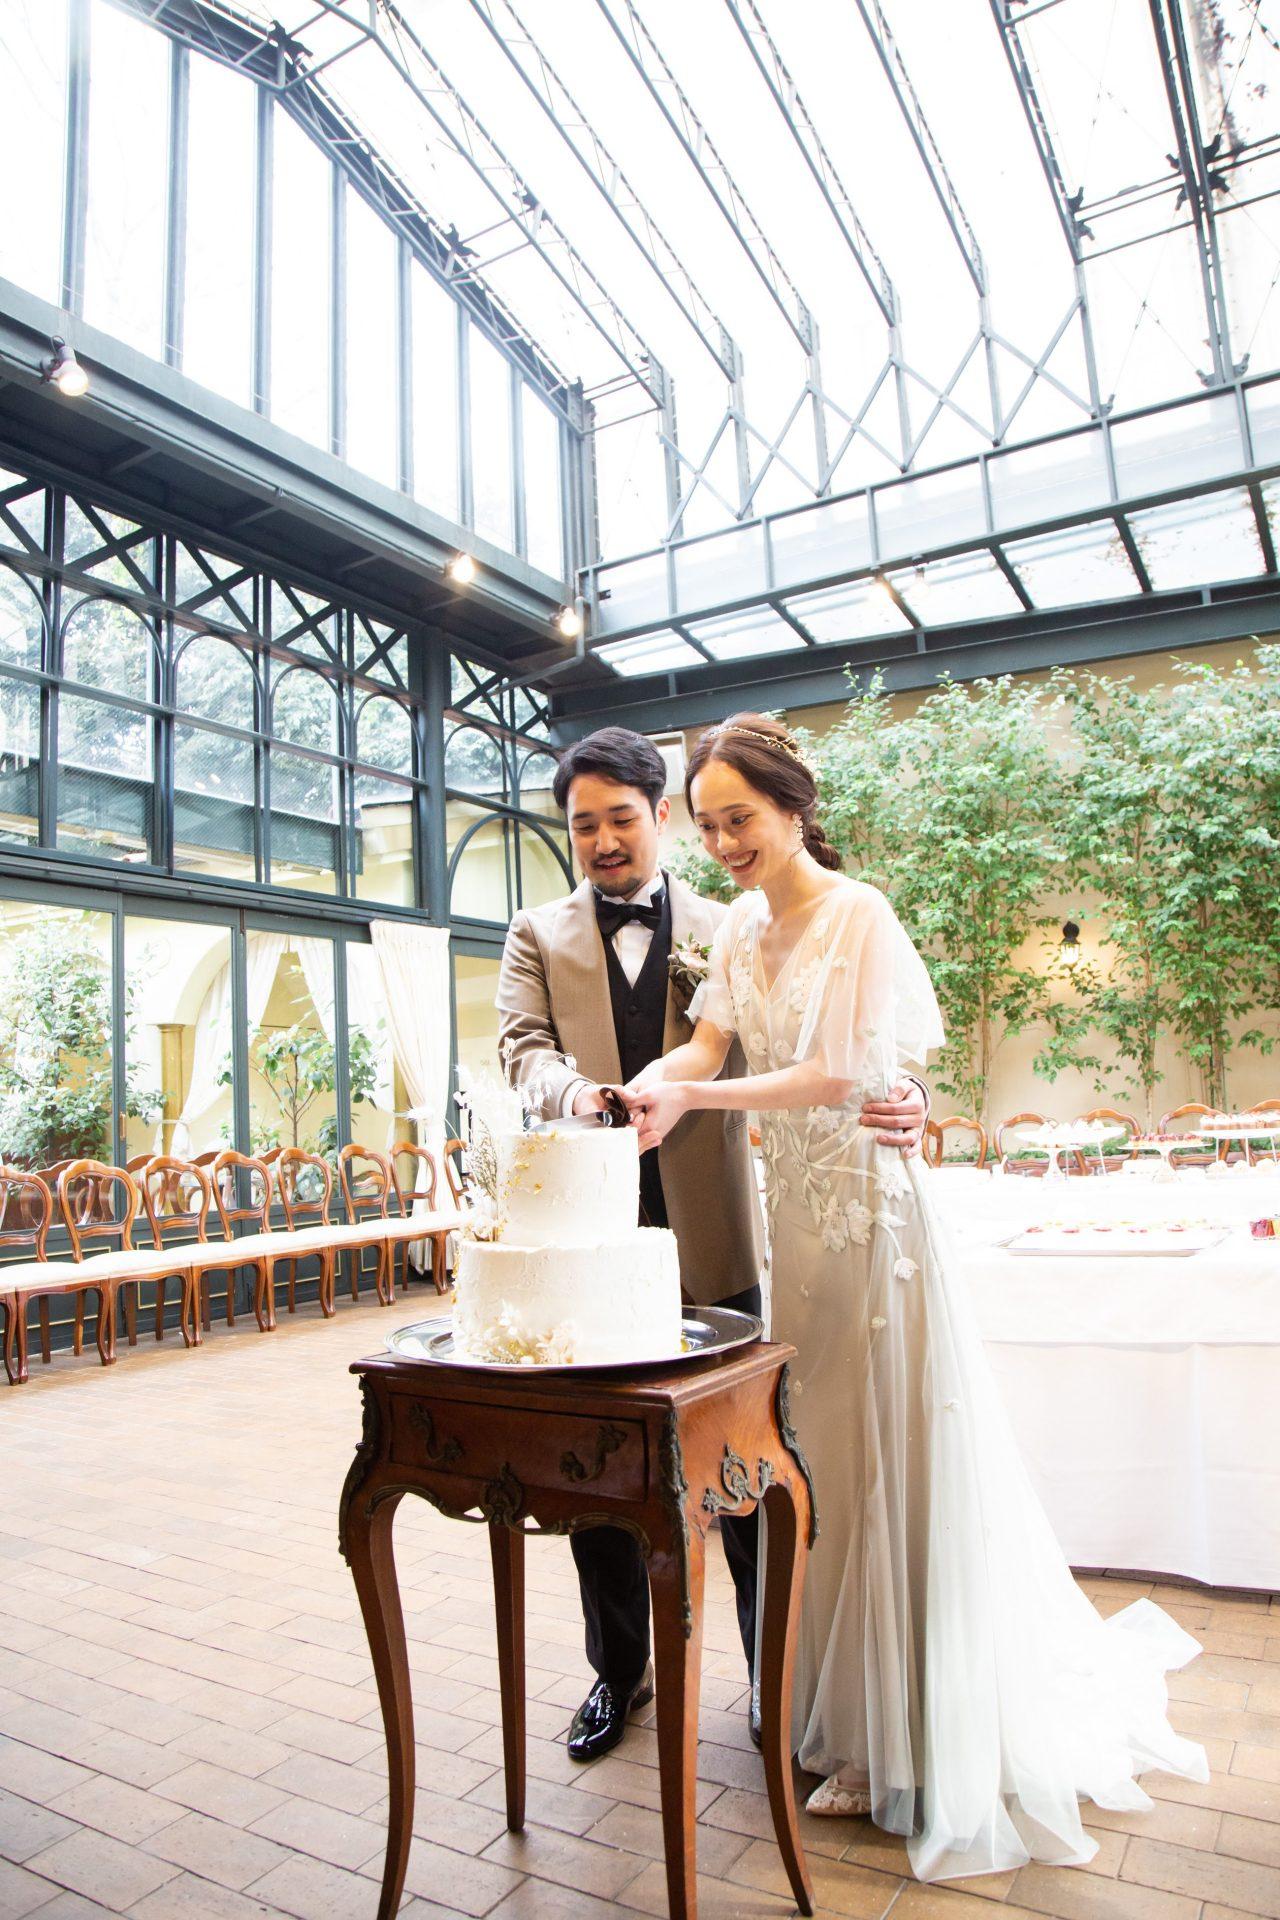 自然光が降り注ぐ開放感溢れるチャペルの中で、インポートブランド アレクサンドラ・グレッコのカラードレス姿で行ったケーキ入刀の様子です